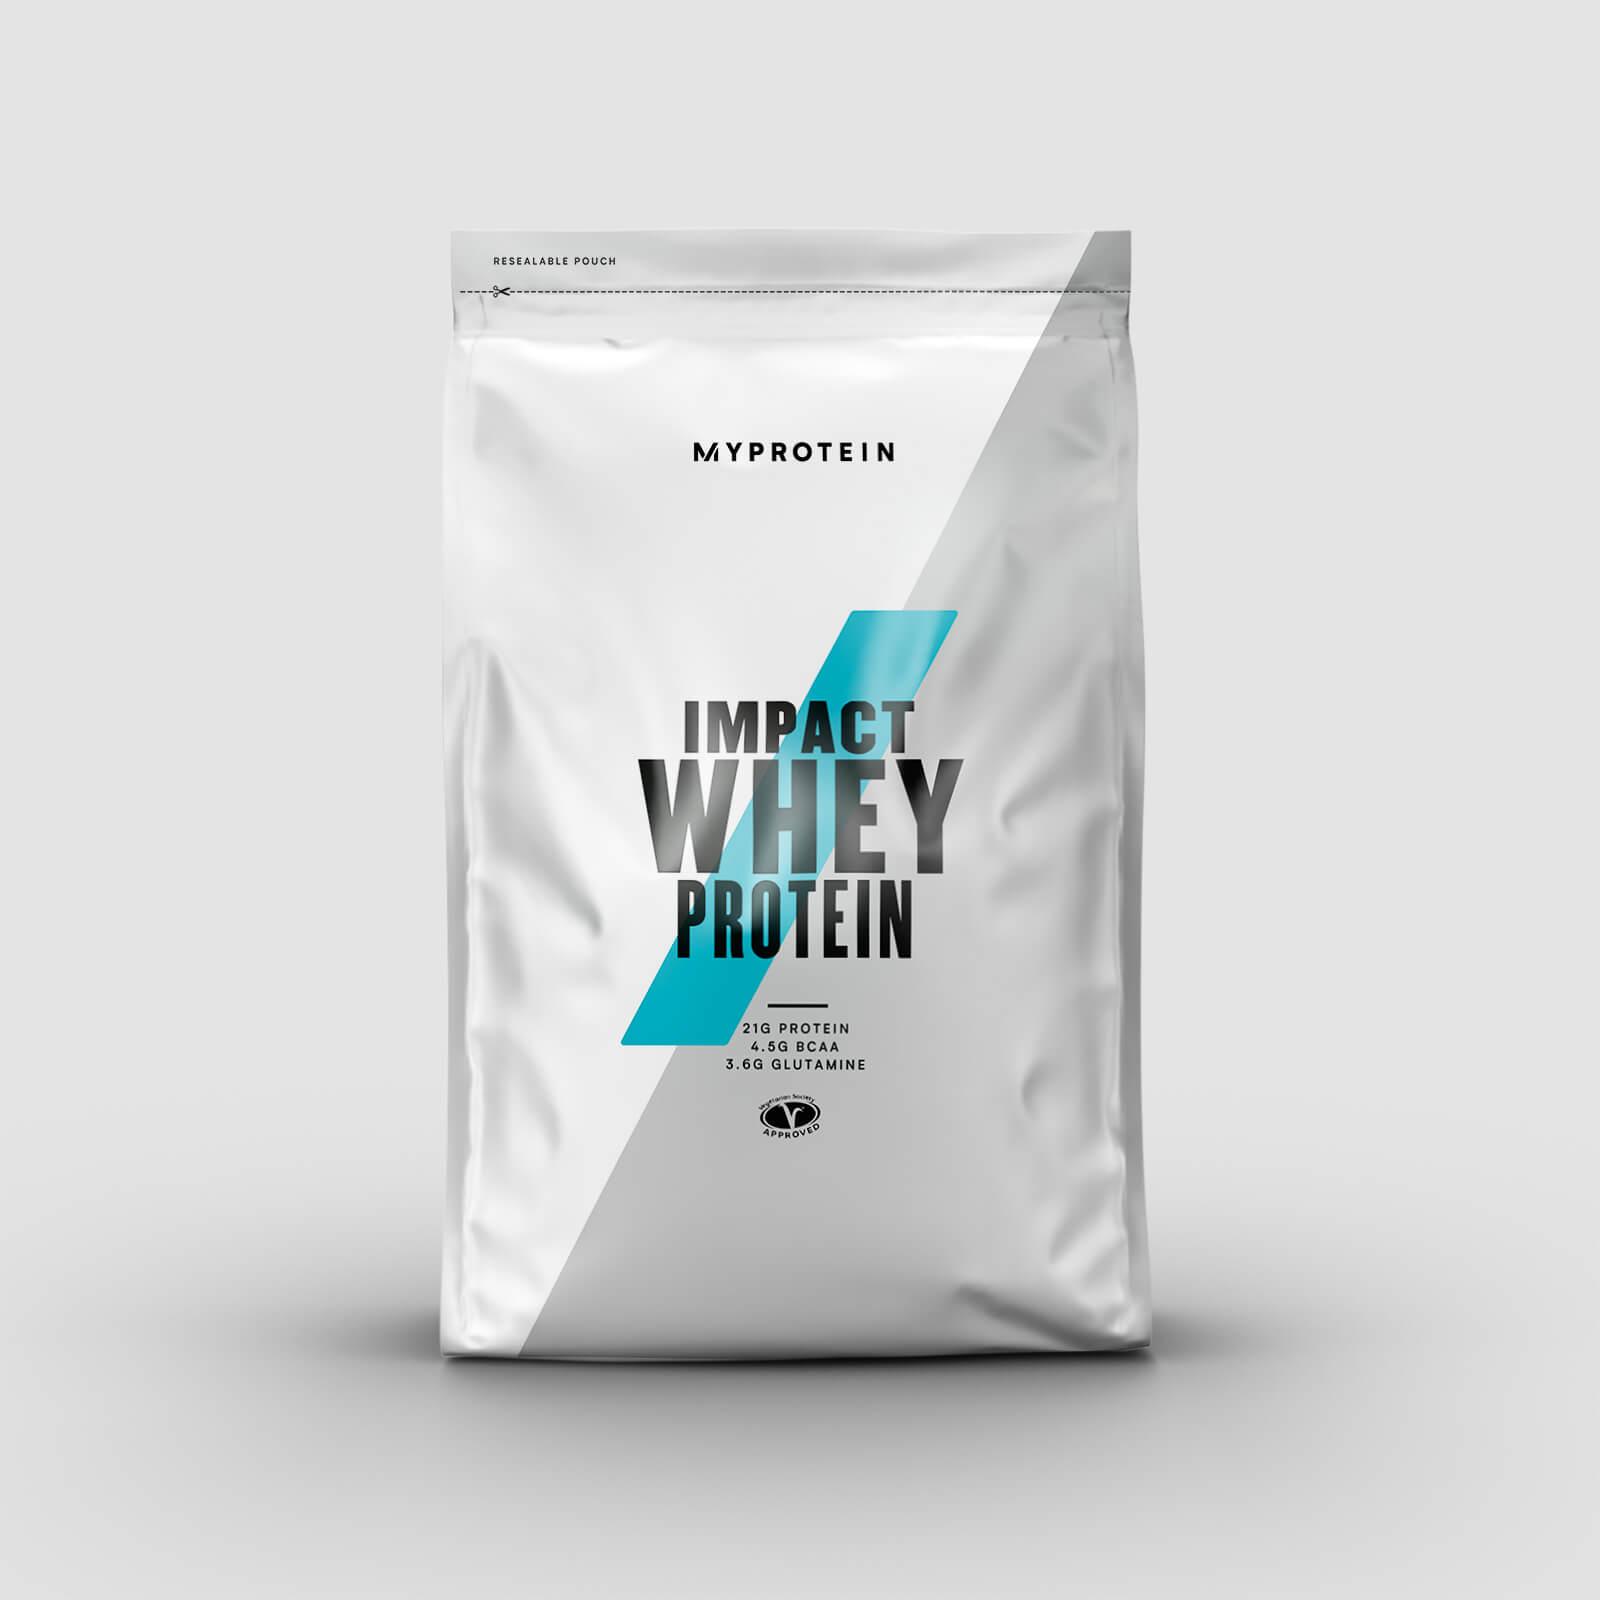 Myprotein Impact Whey Protein - 1kg - Gâteau roulé à la confiture